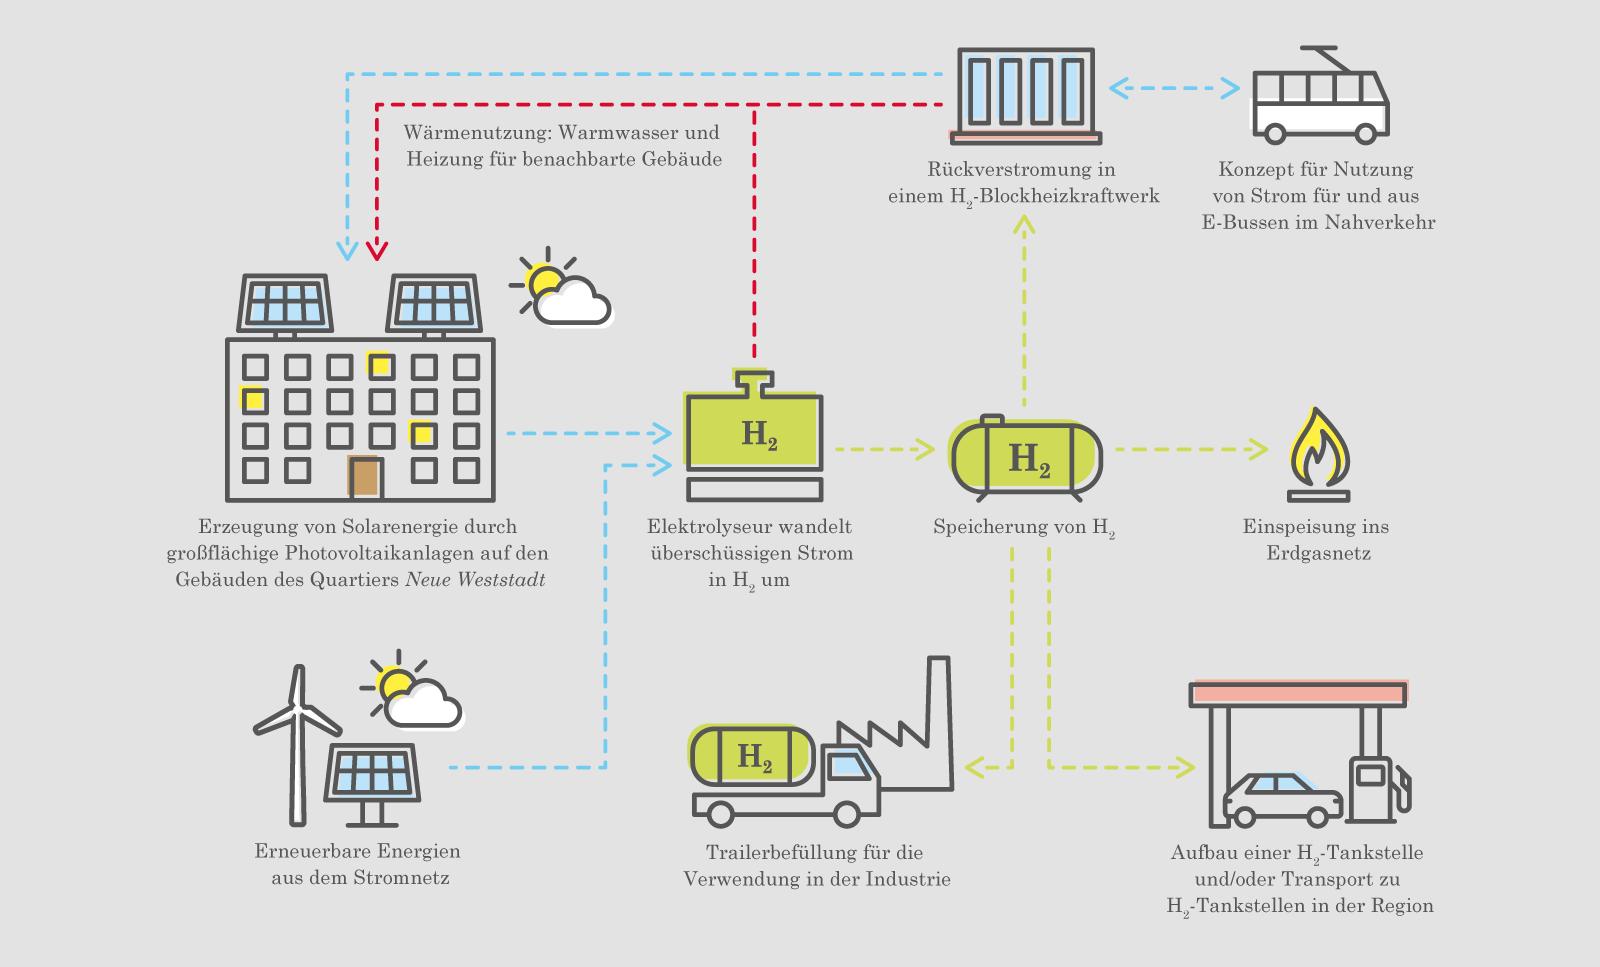 Schematische Darstellung des Energiekonzeptes des Vorzeige-Quartiers Neue Weststadt.